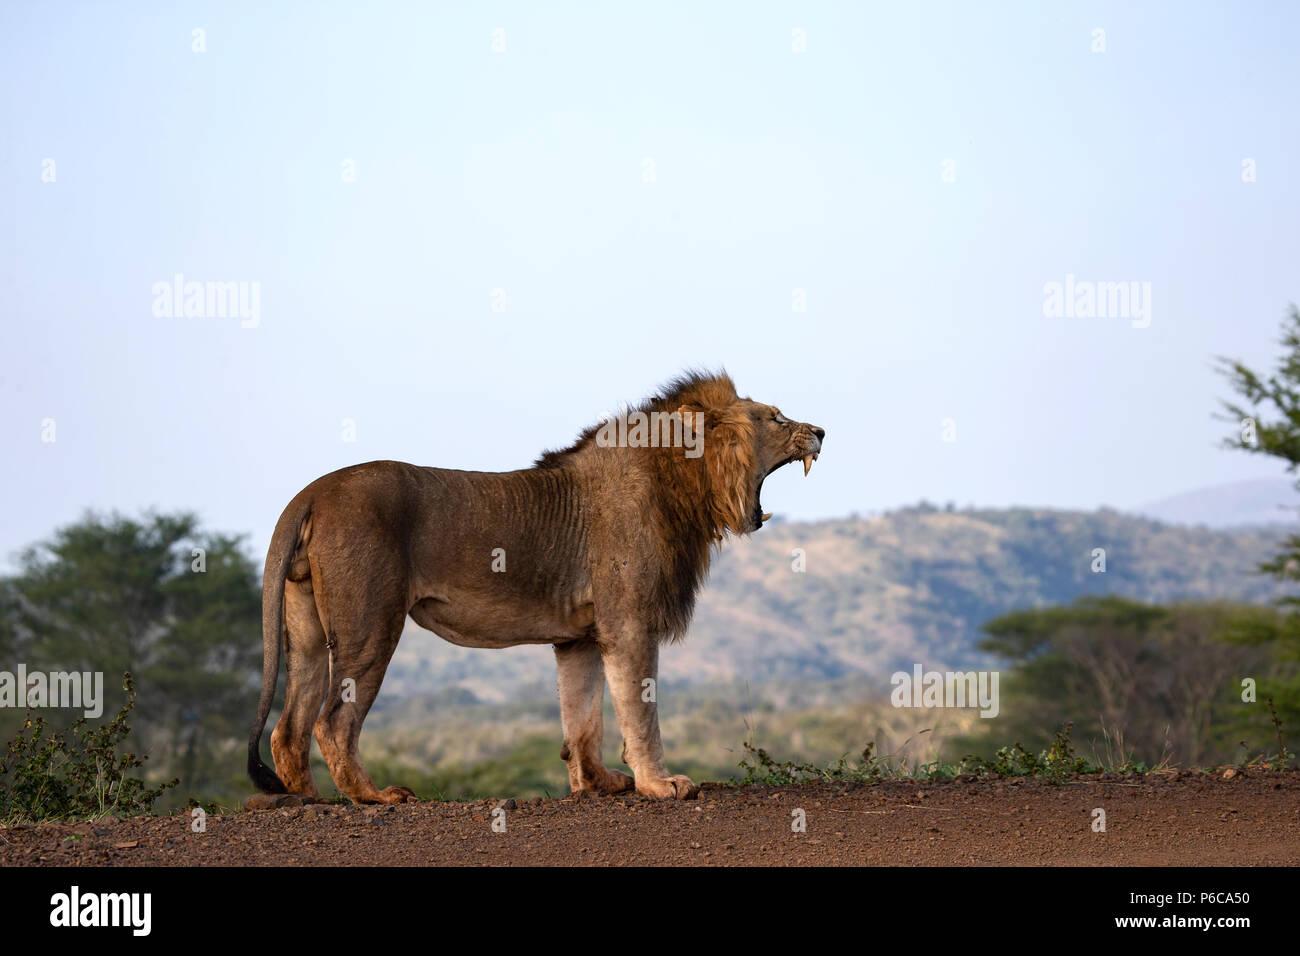 Männliche Löwe Panthera leo Rauschen im frühen Licht von der Spitze einer Staumauer Stockfoto